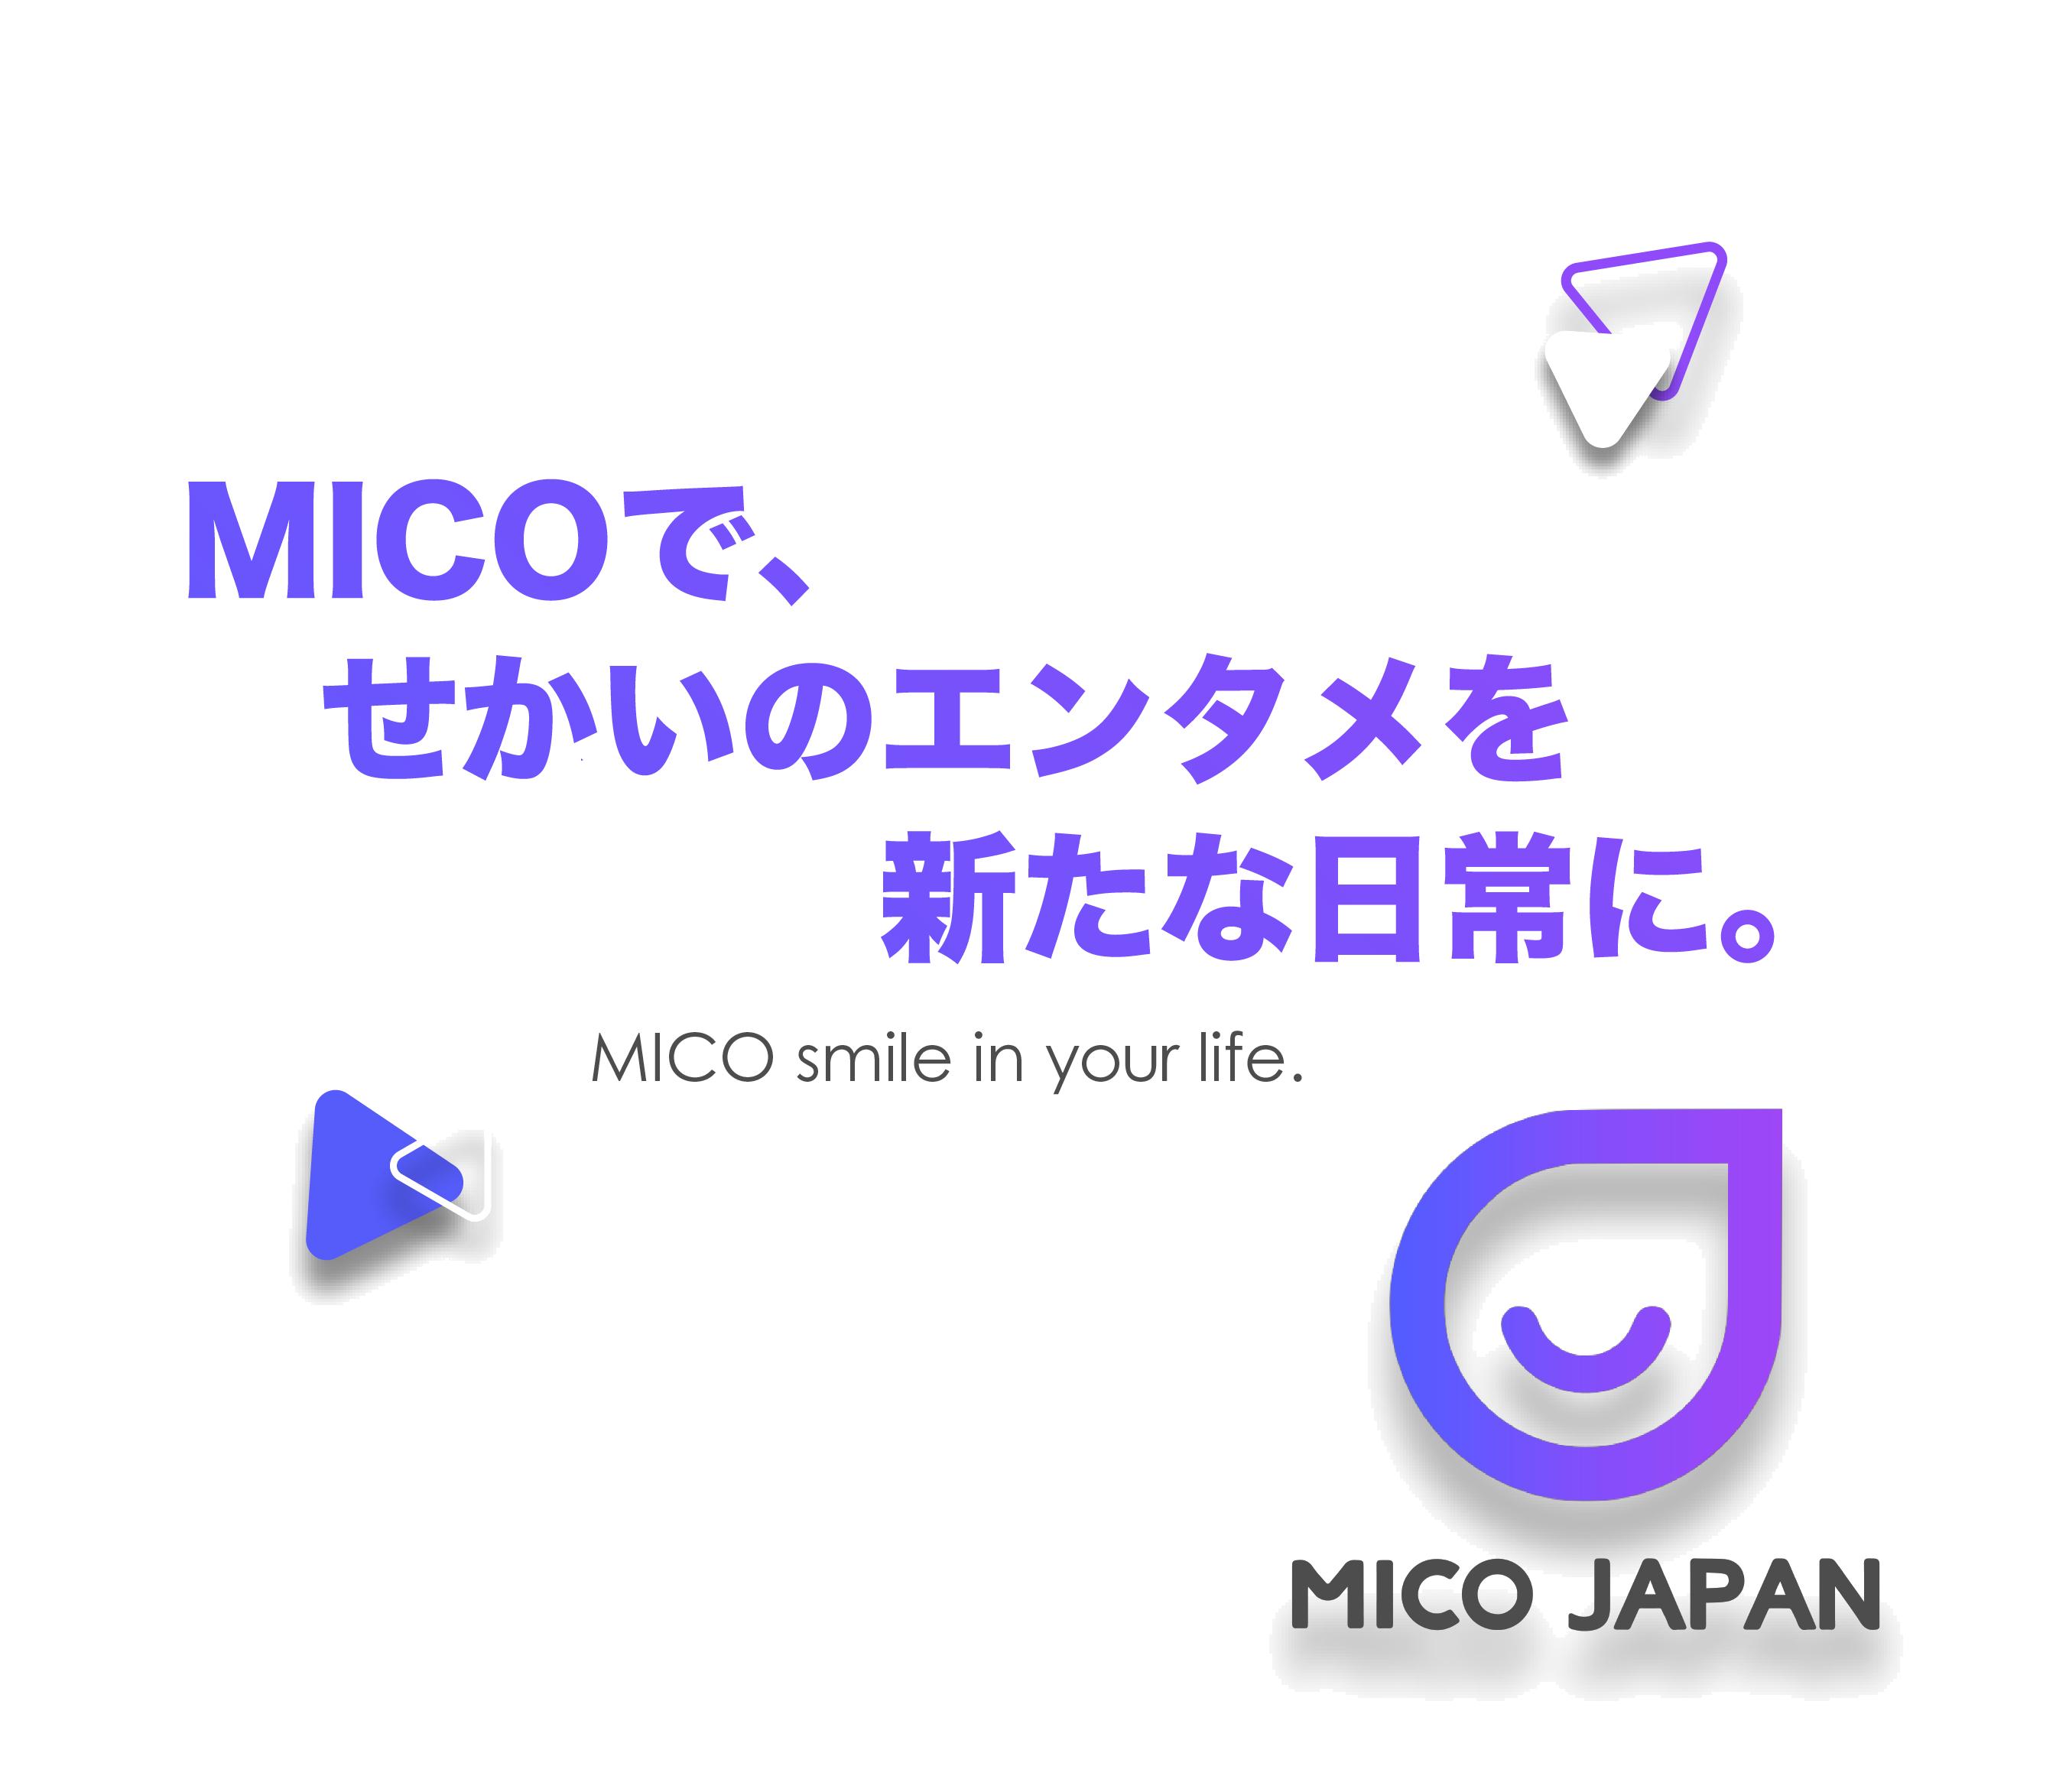 MICO(ミコ) MICOの商品画像